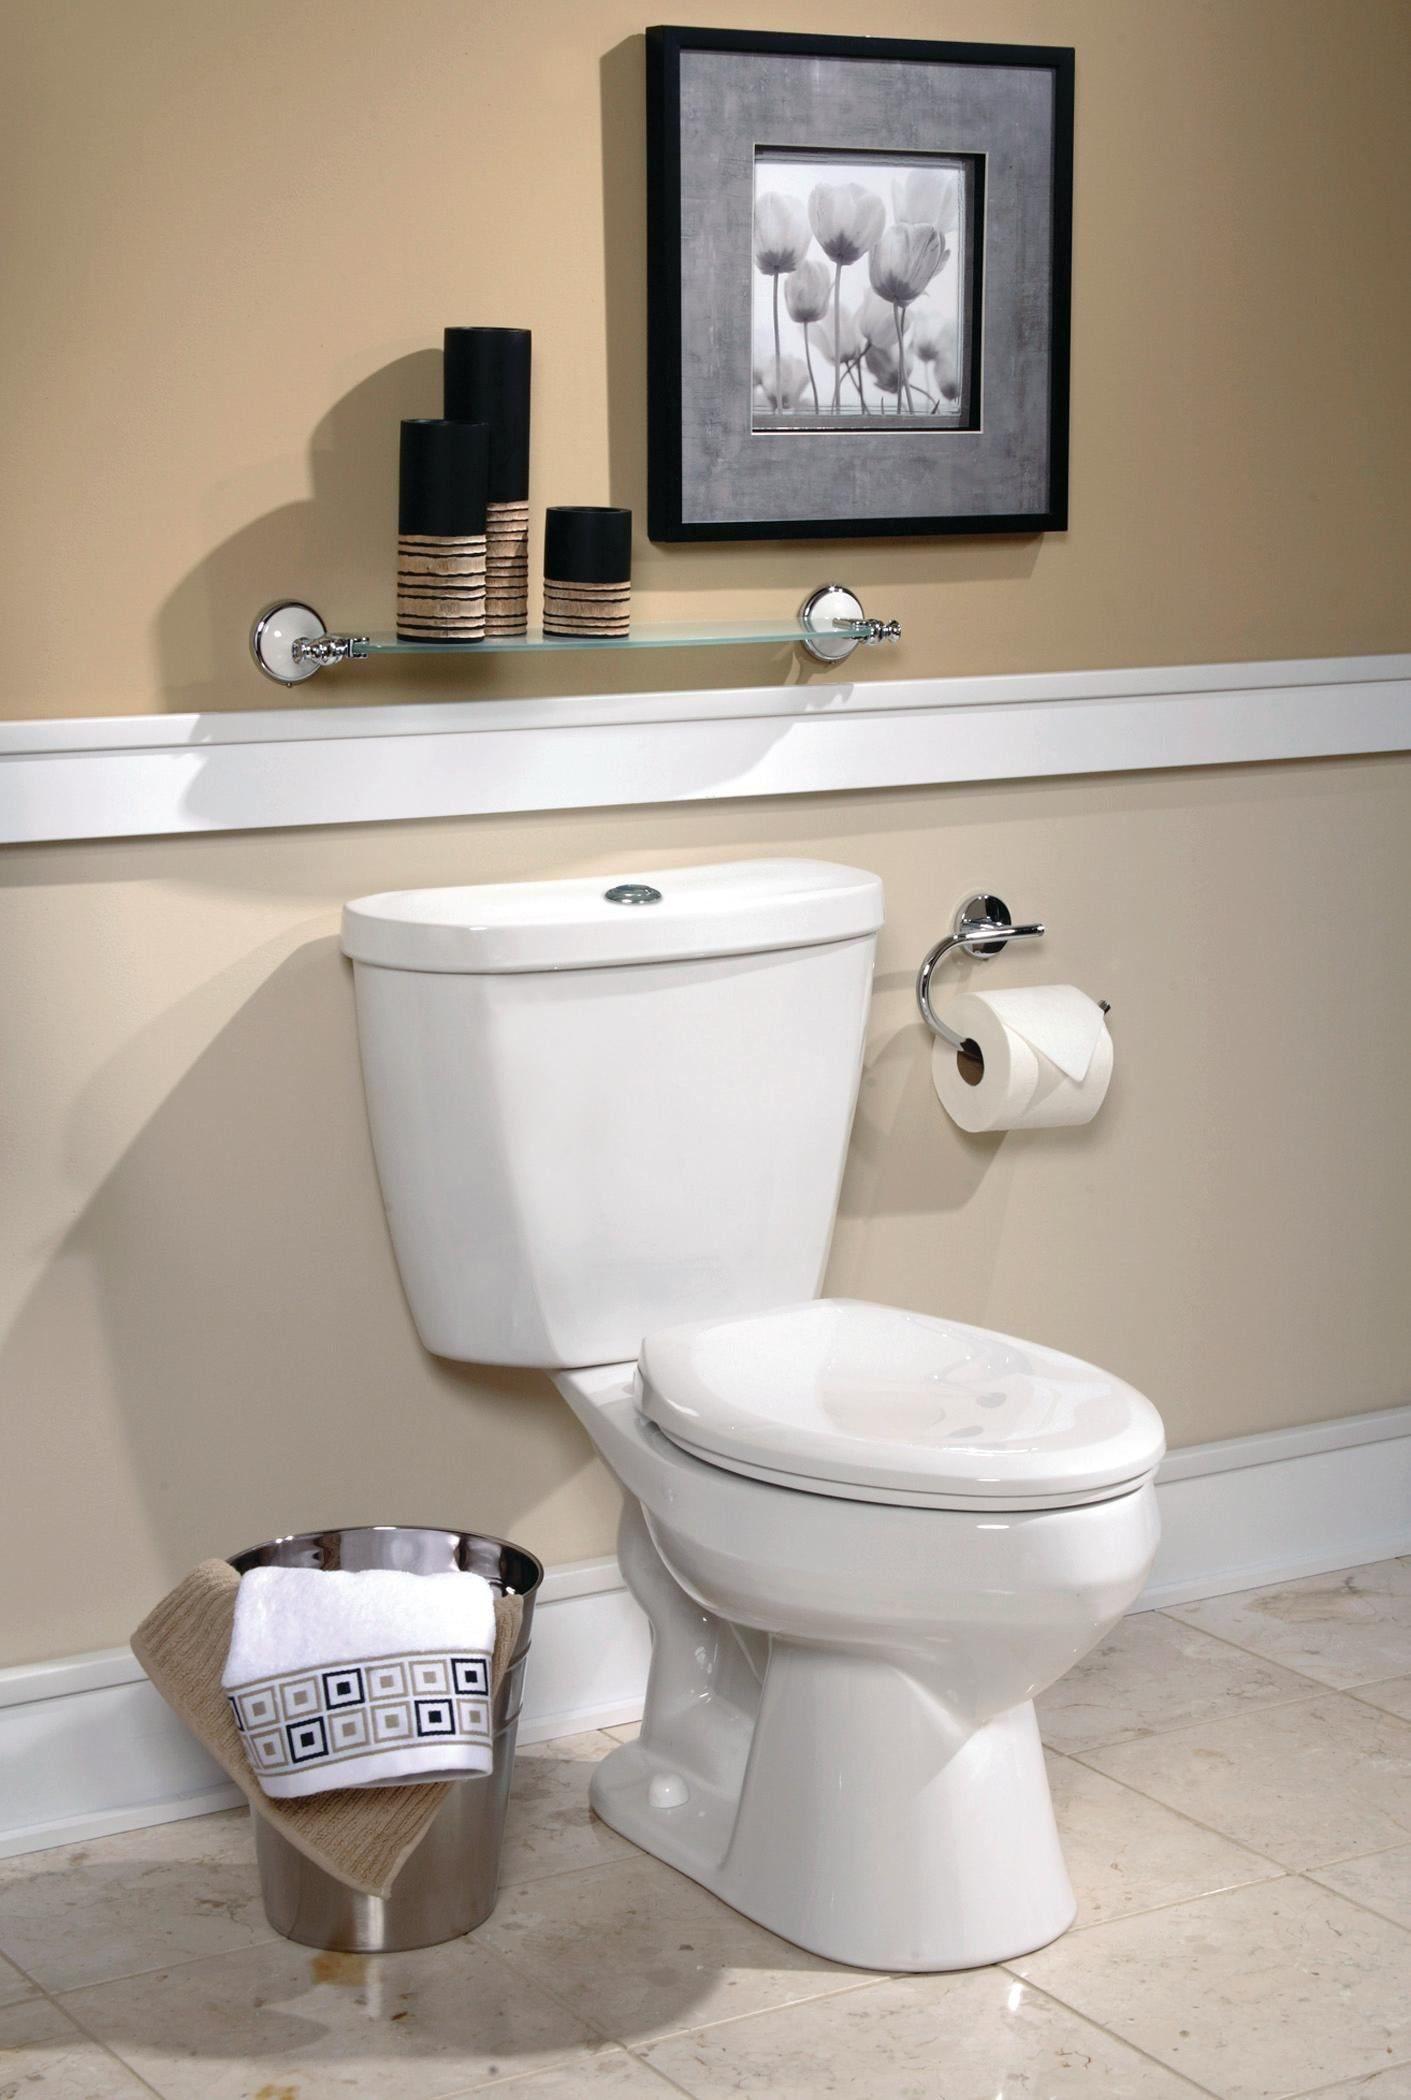 An Efficient Bathroom Dual Flush Toilet Dual Flush Toilet Chair Rail Toilet Repair